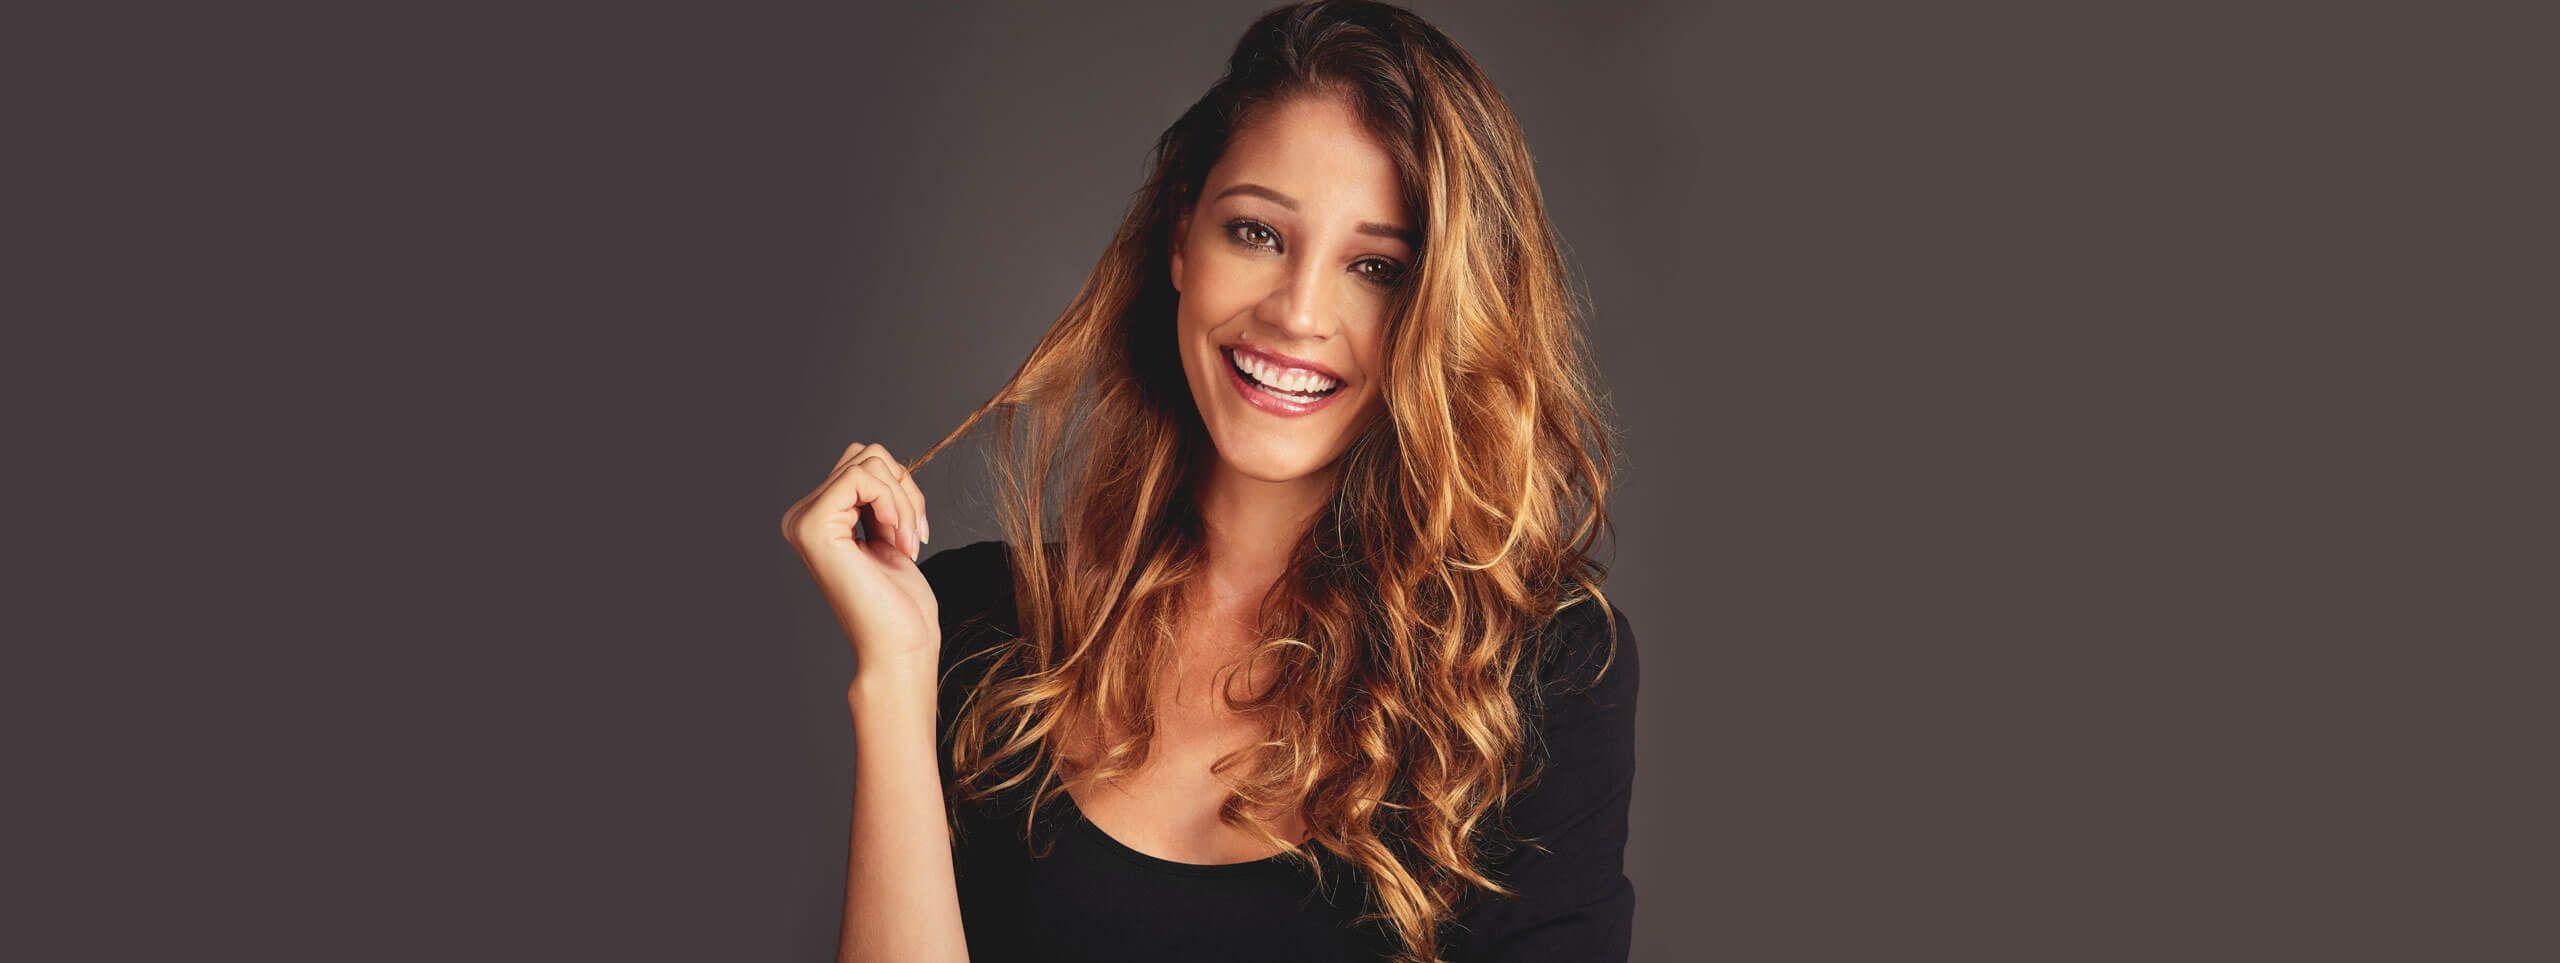 Femme souriante cheveux sombrés